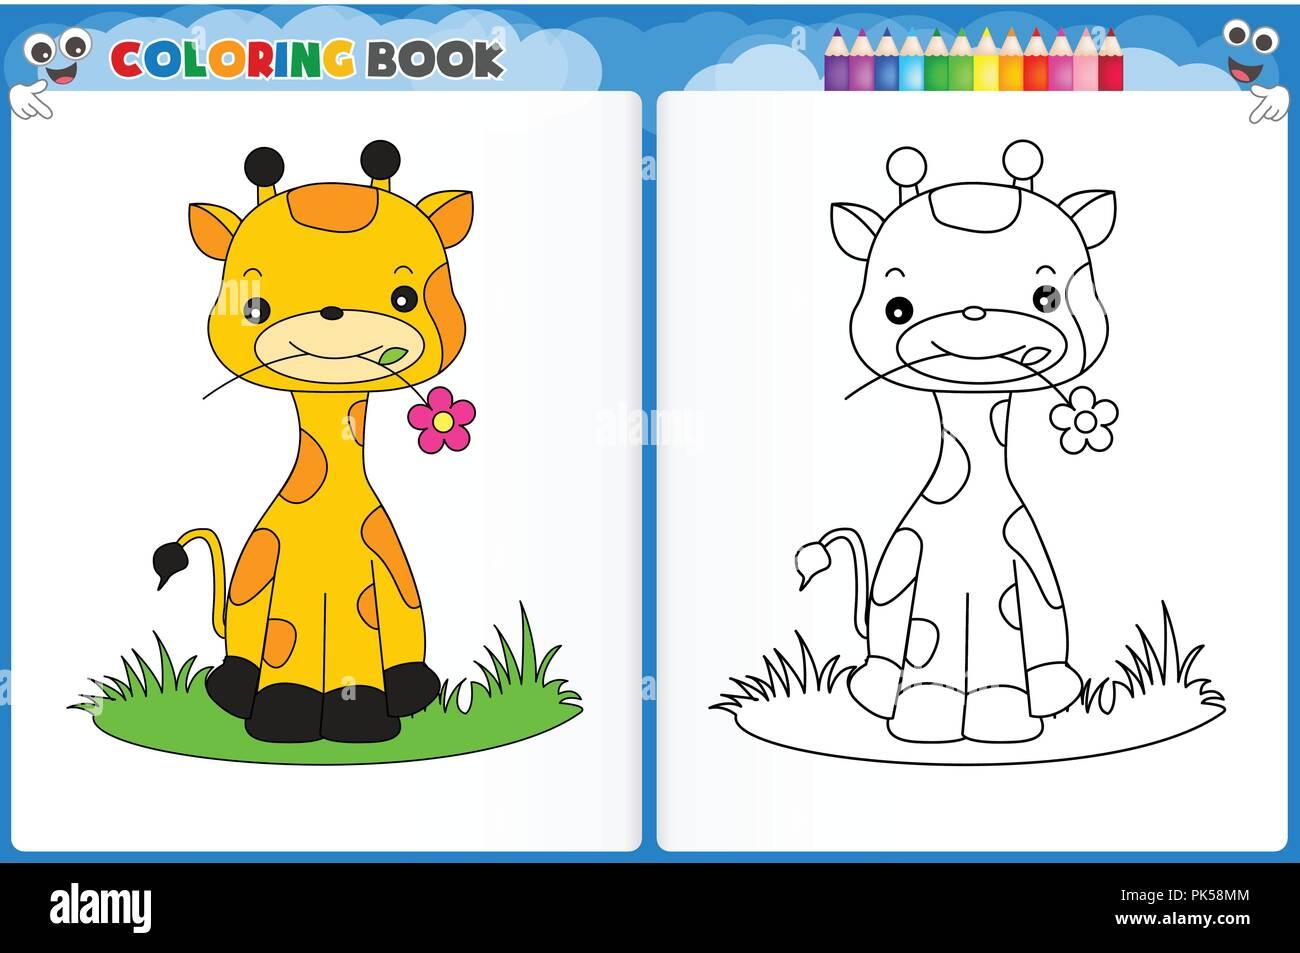 Coloriage Girafe Maternelle.Coloriage Girafe Mignon Avec Echantillon Colore Feuille Imprimable